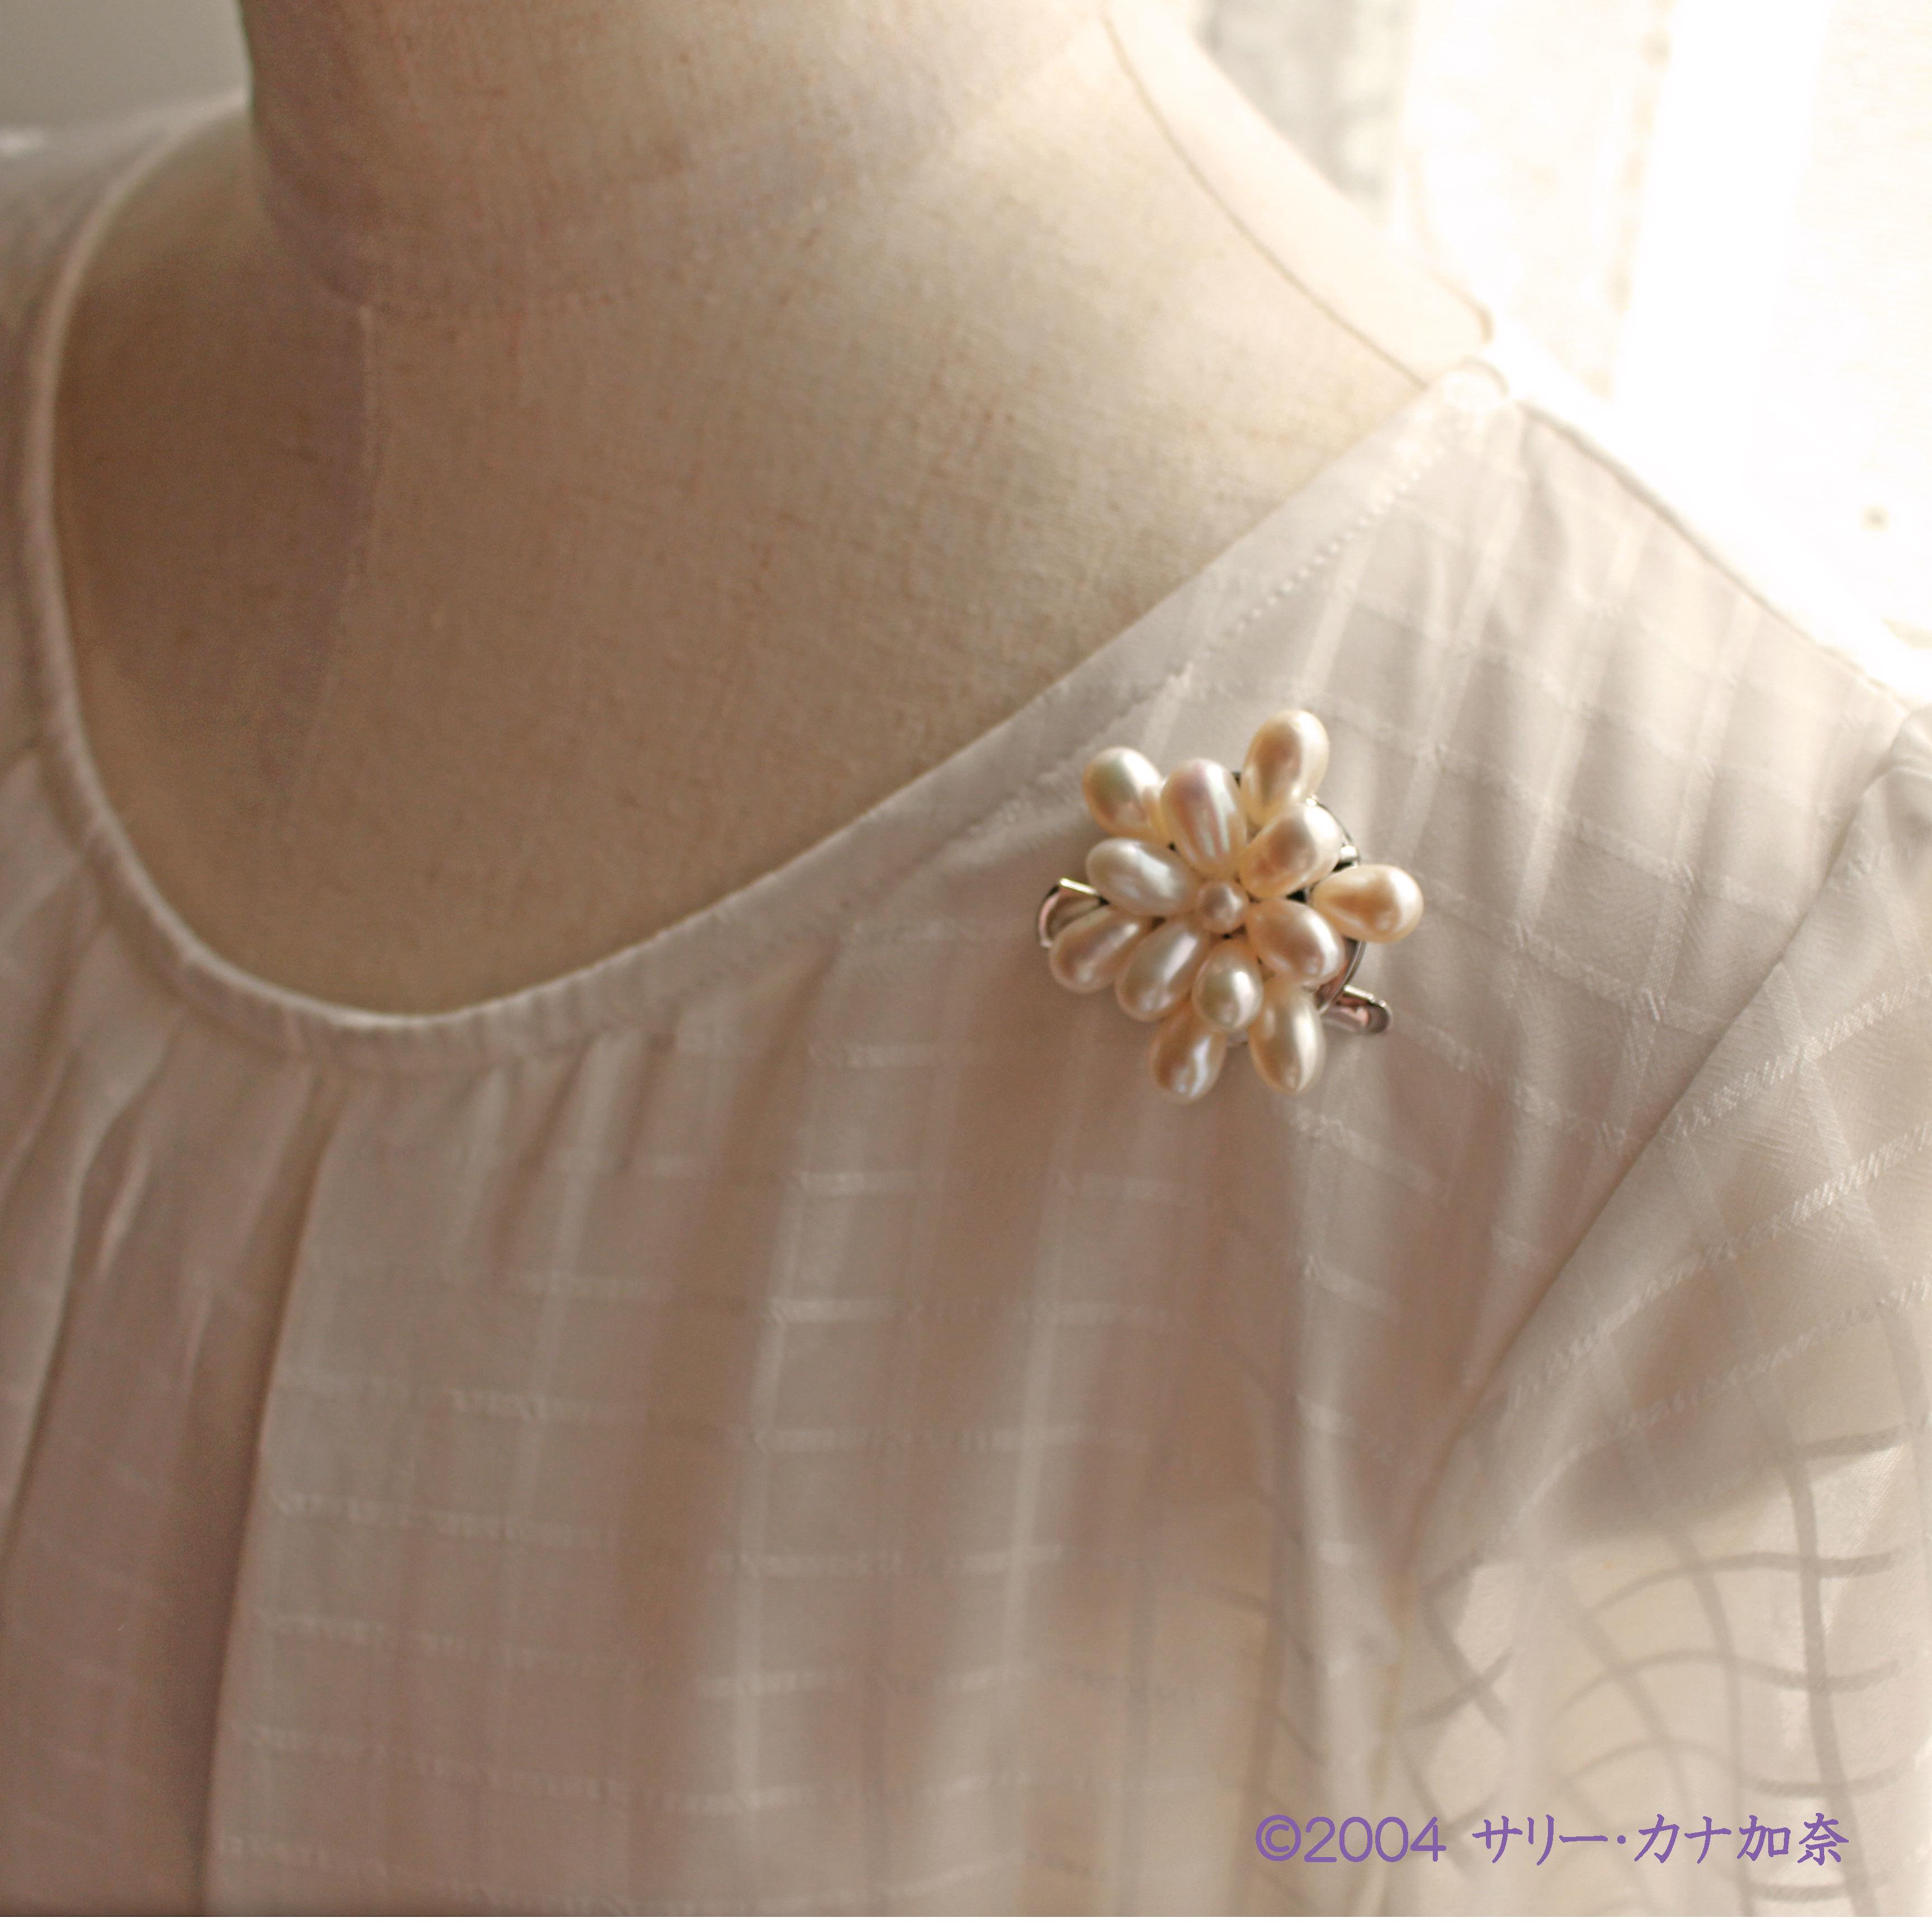 真珠・淡水パールを身につけたい方へ、ブローチはいかがでしょうか。